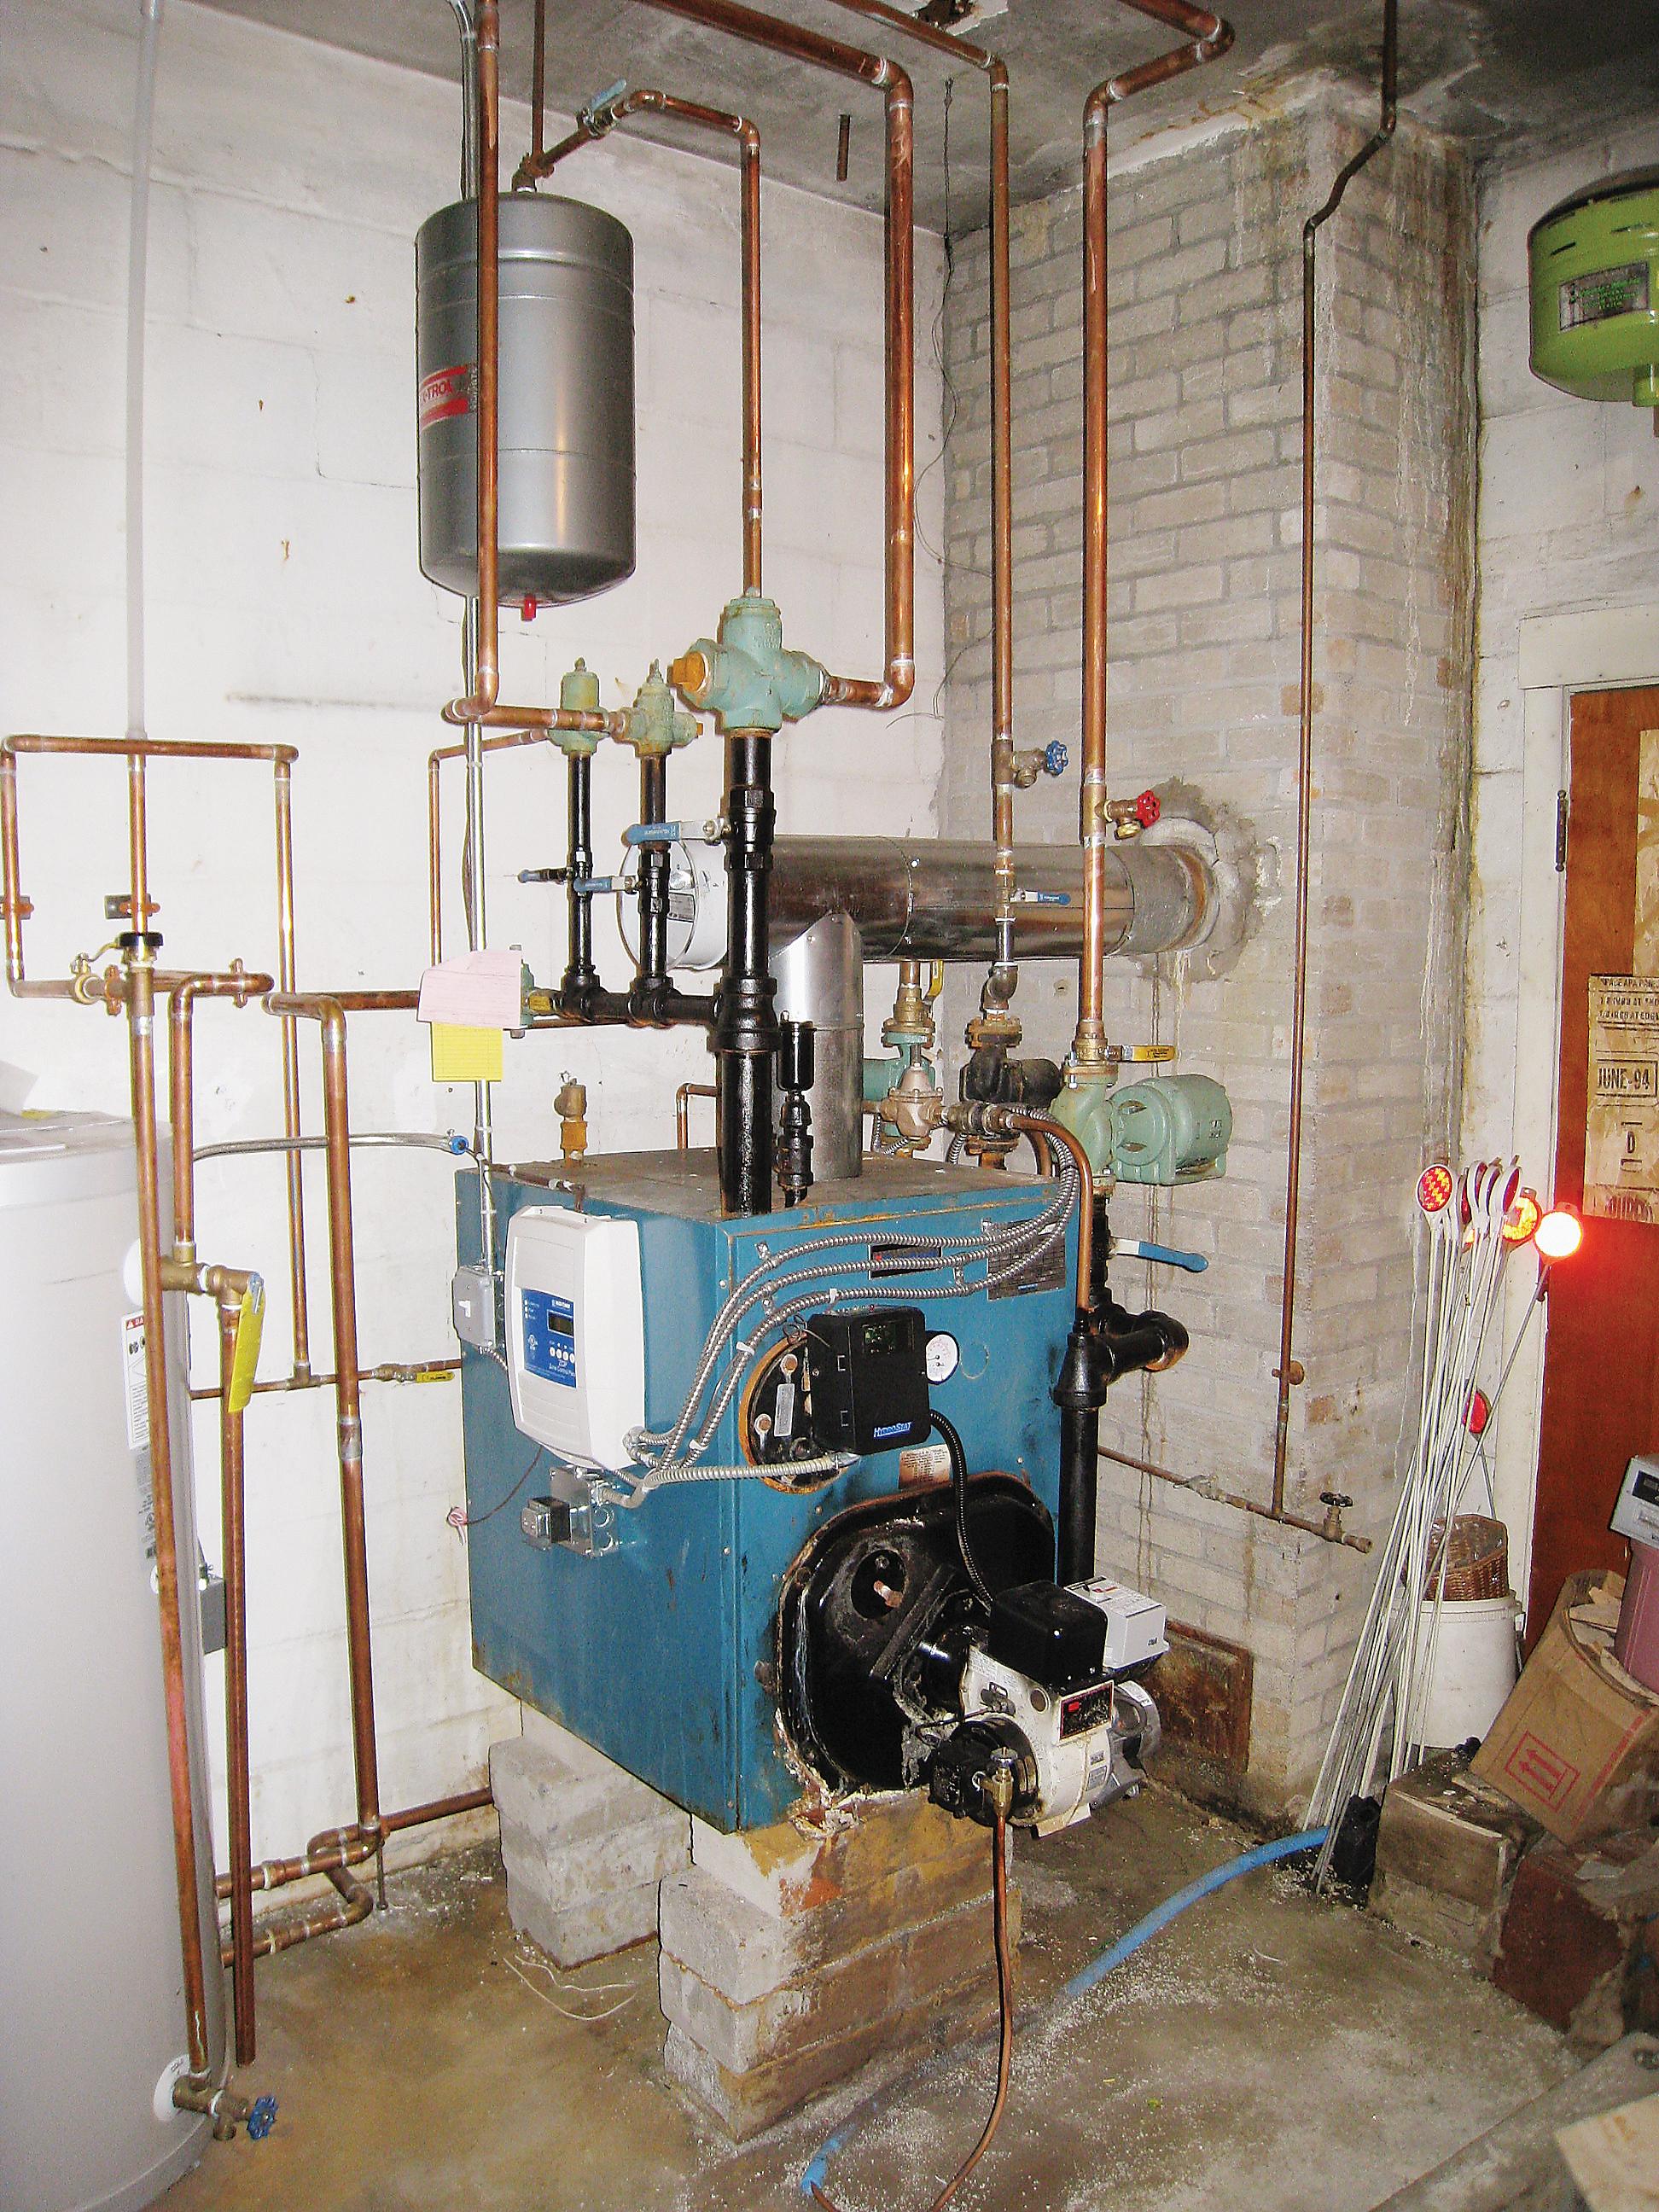 Boiler Frozen Pipe Damage Repair | Professional Loss Adjusters